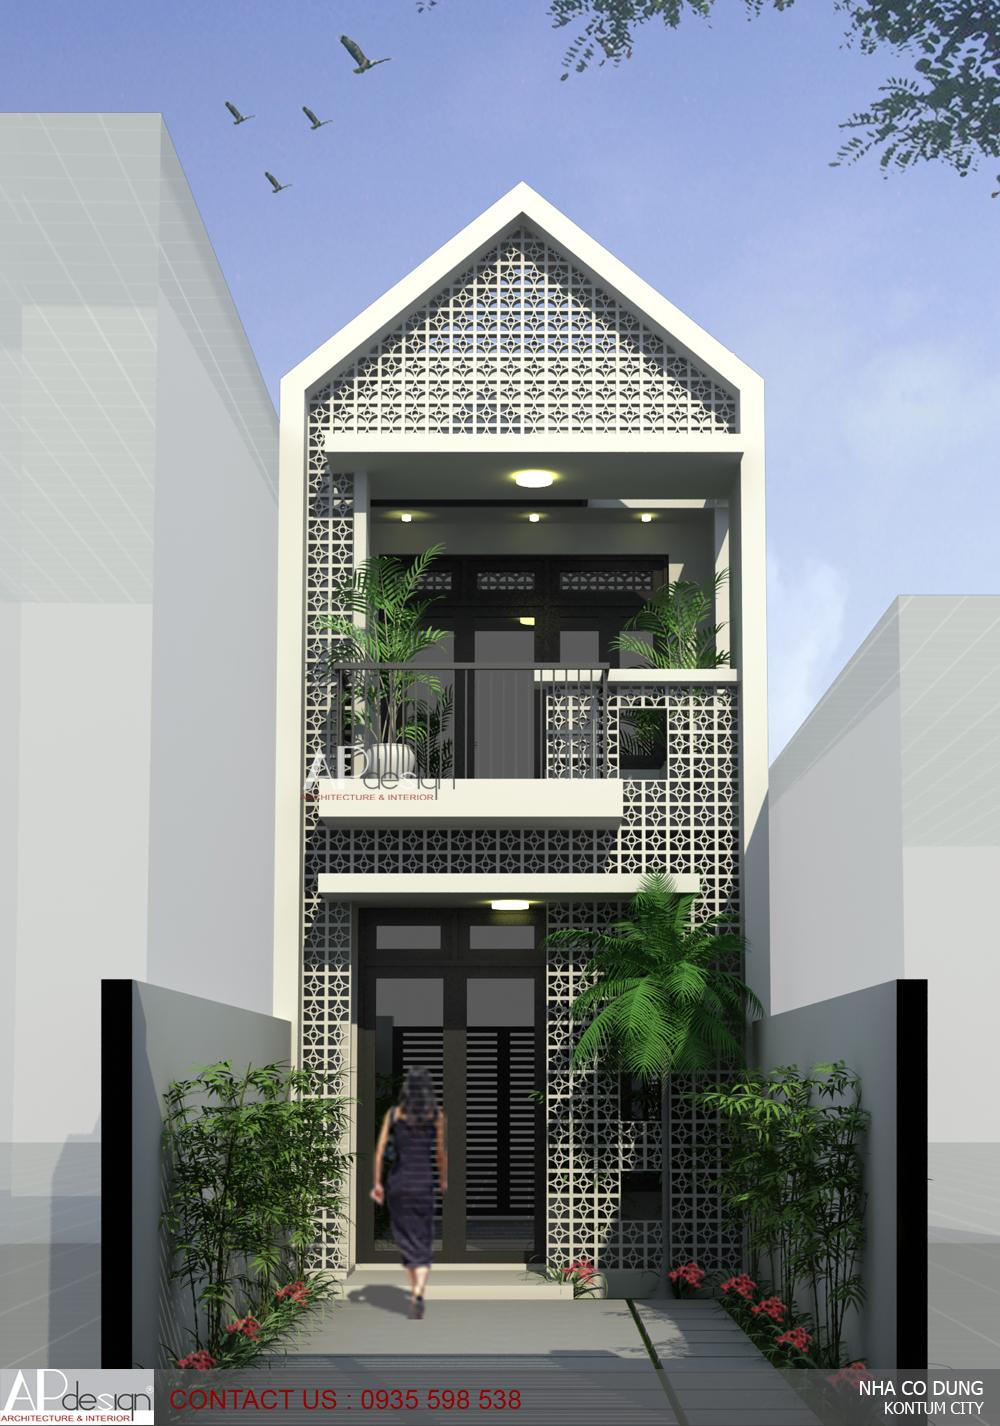 Thiết kế nhà phố cô Dung - TP.Kon Tum